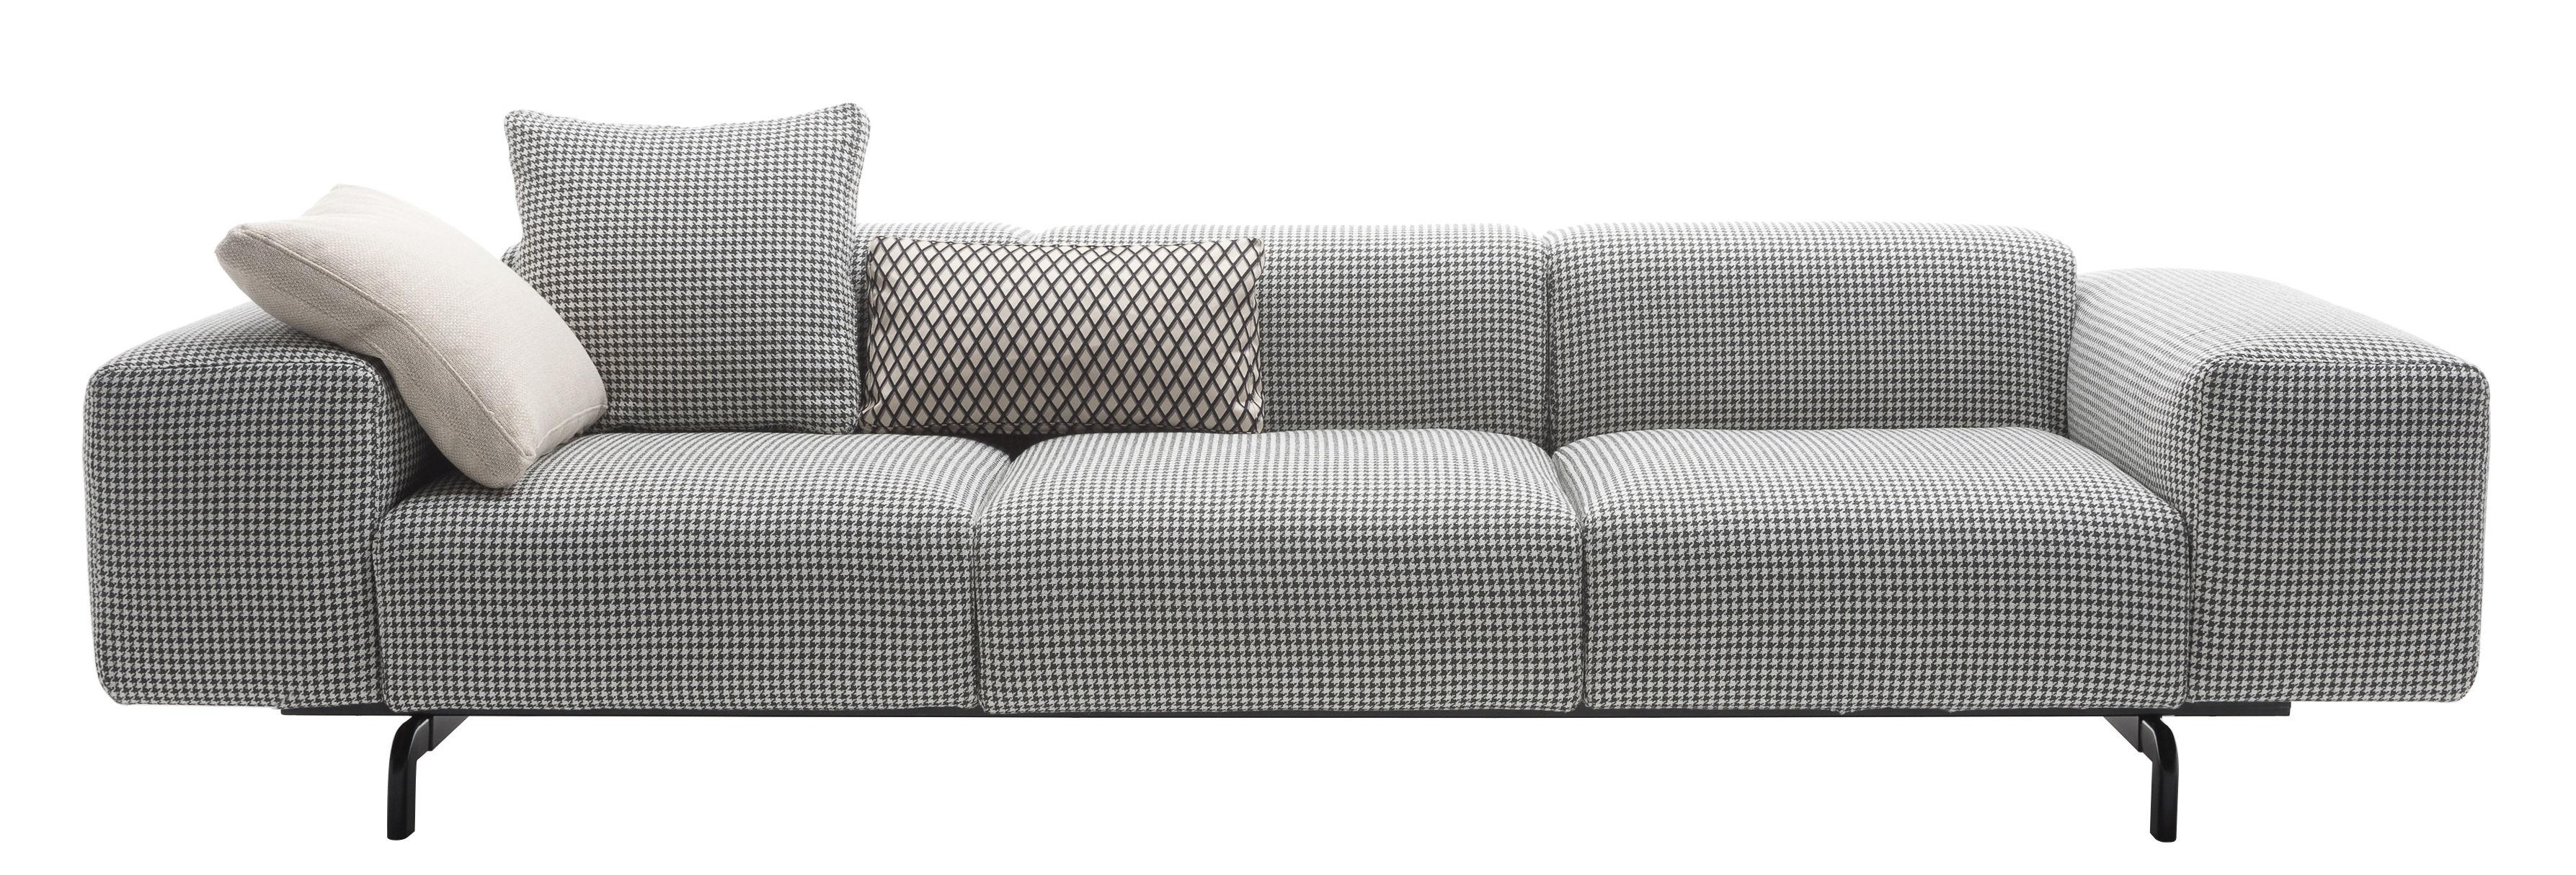 canap droit largo 3 places l 301 cm pied de poule noir pieds noirs kartell. Black Bedroom Furniture Sets. Home Design Ideas